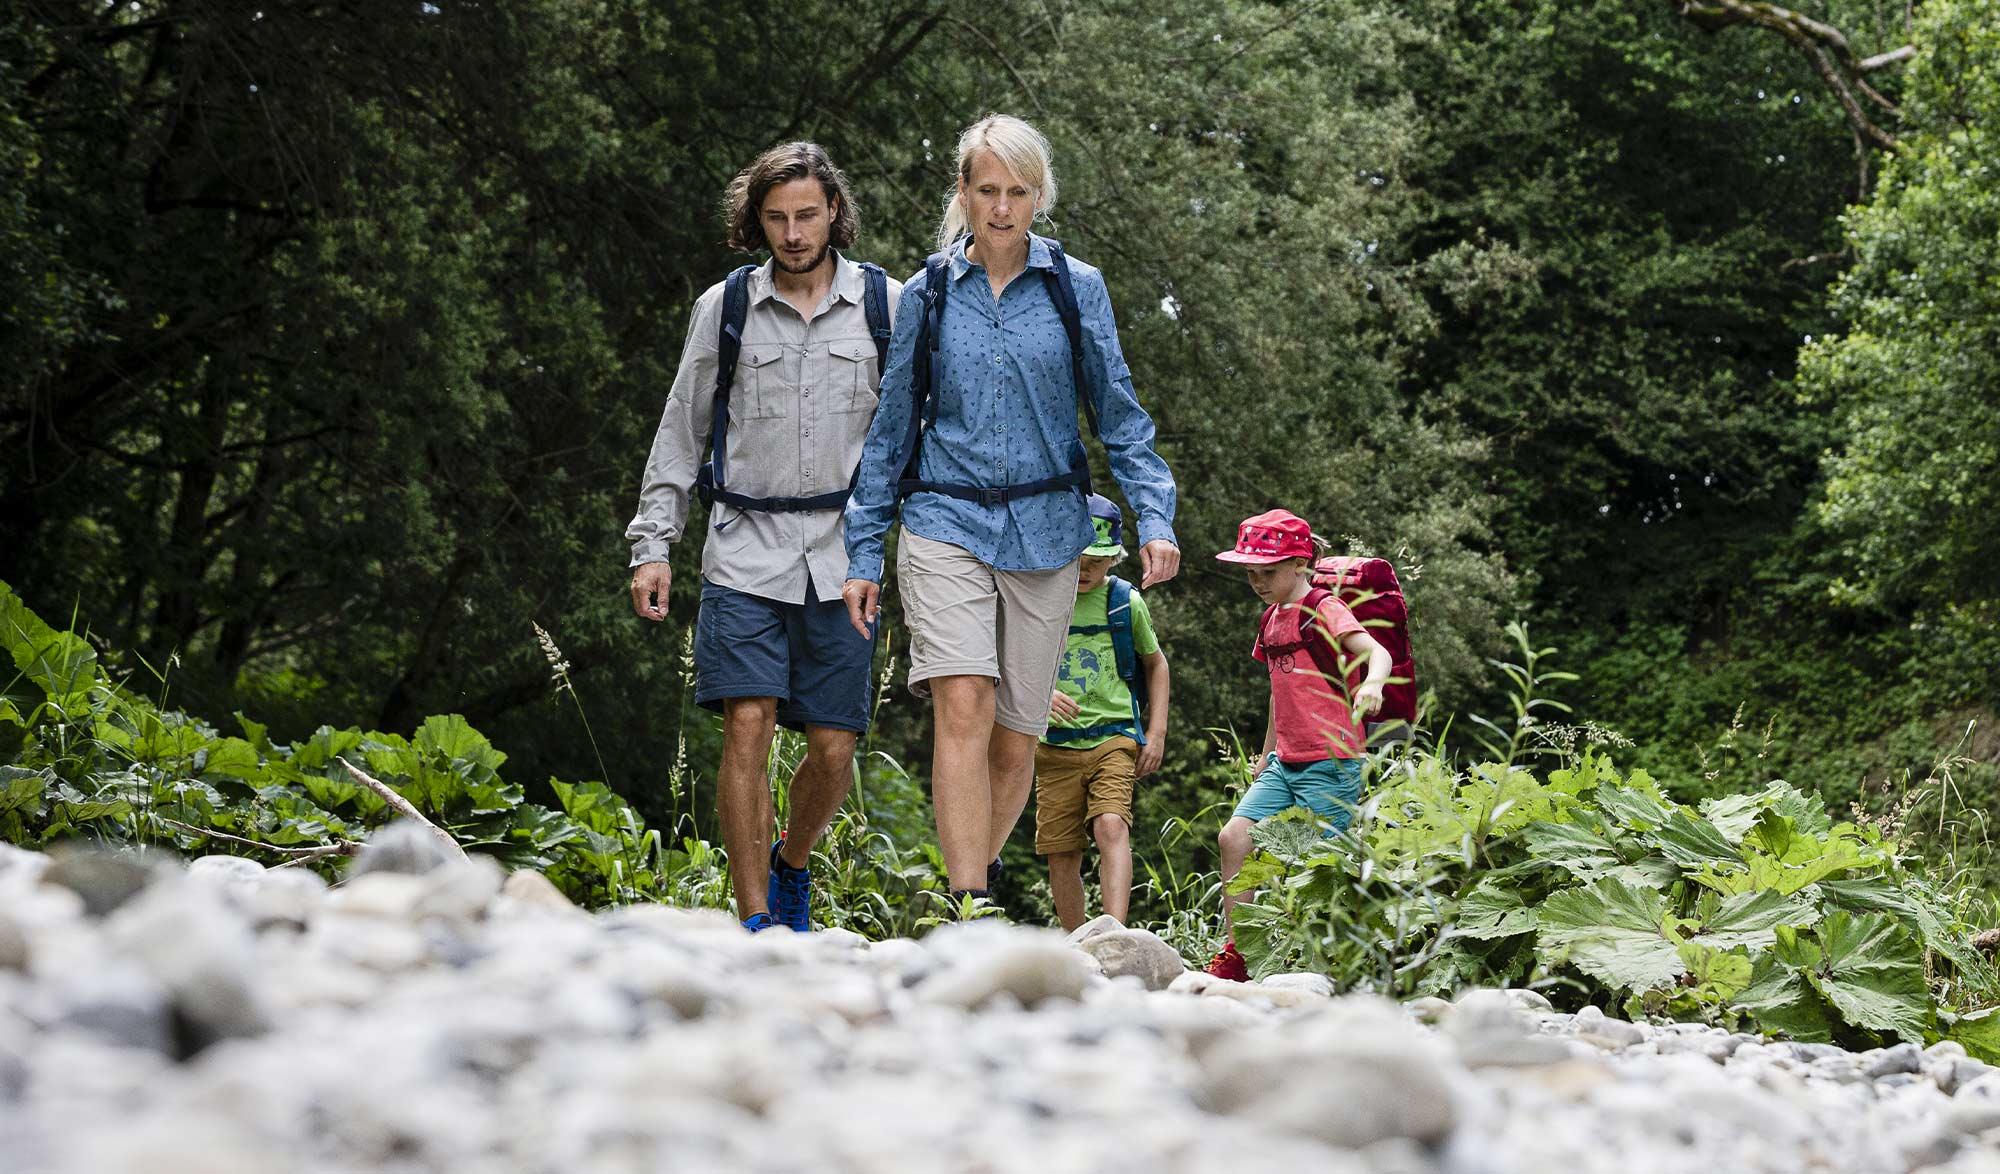 balade en famille en forêt